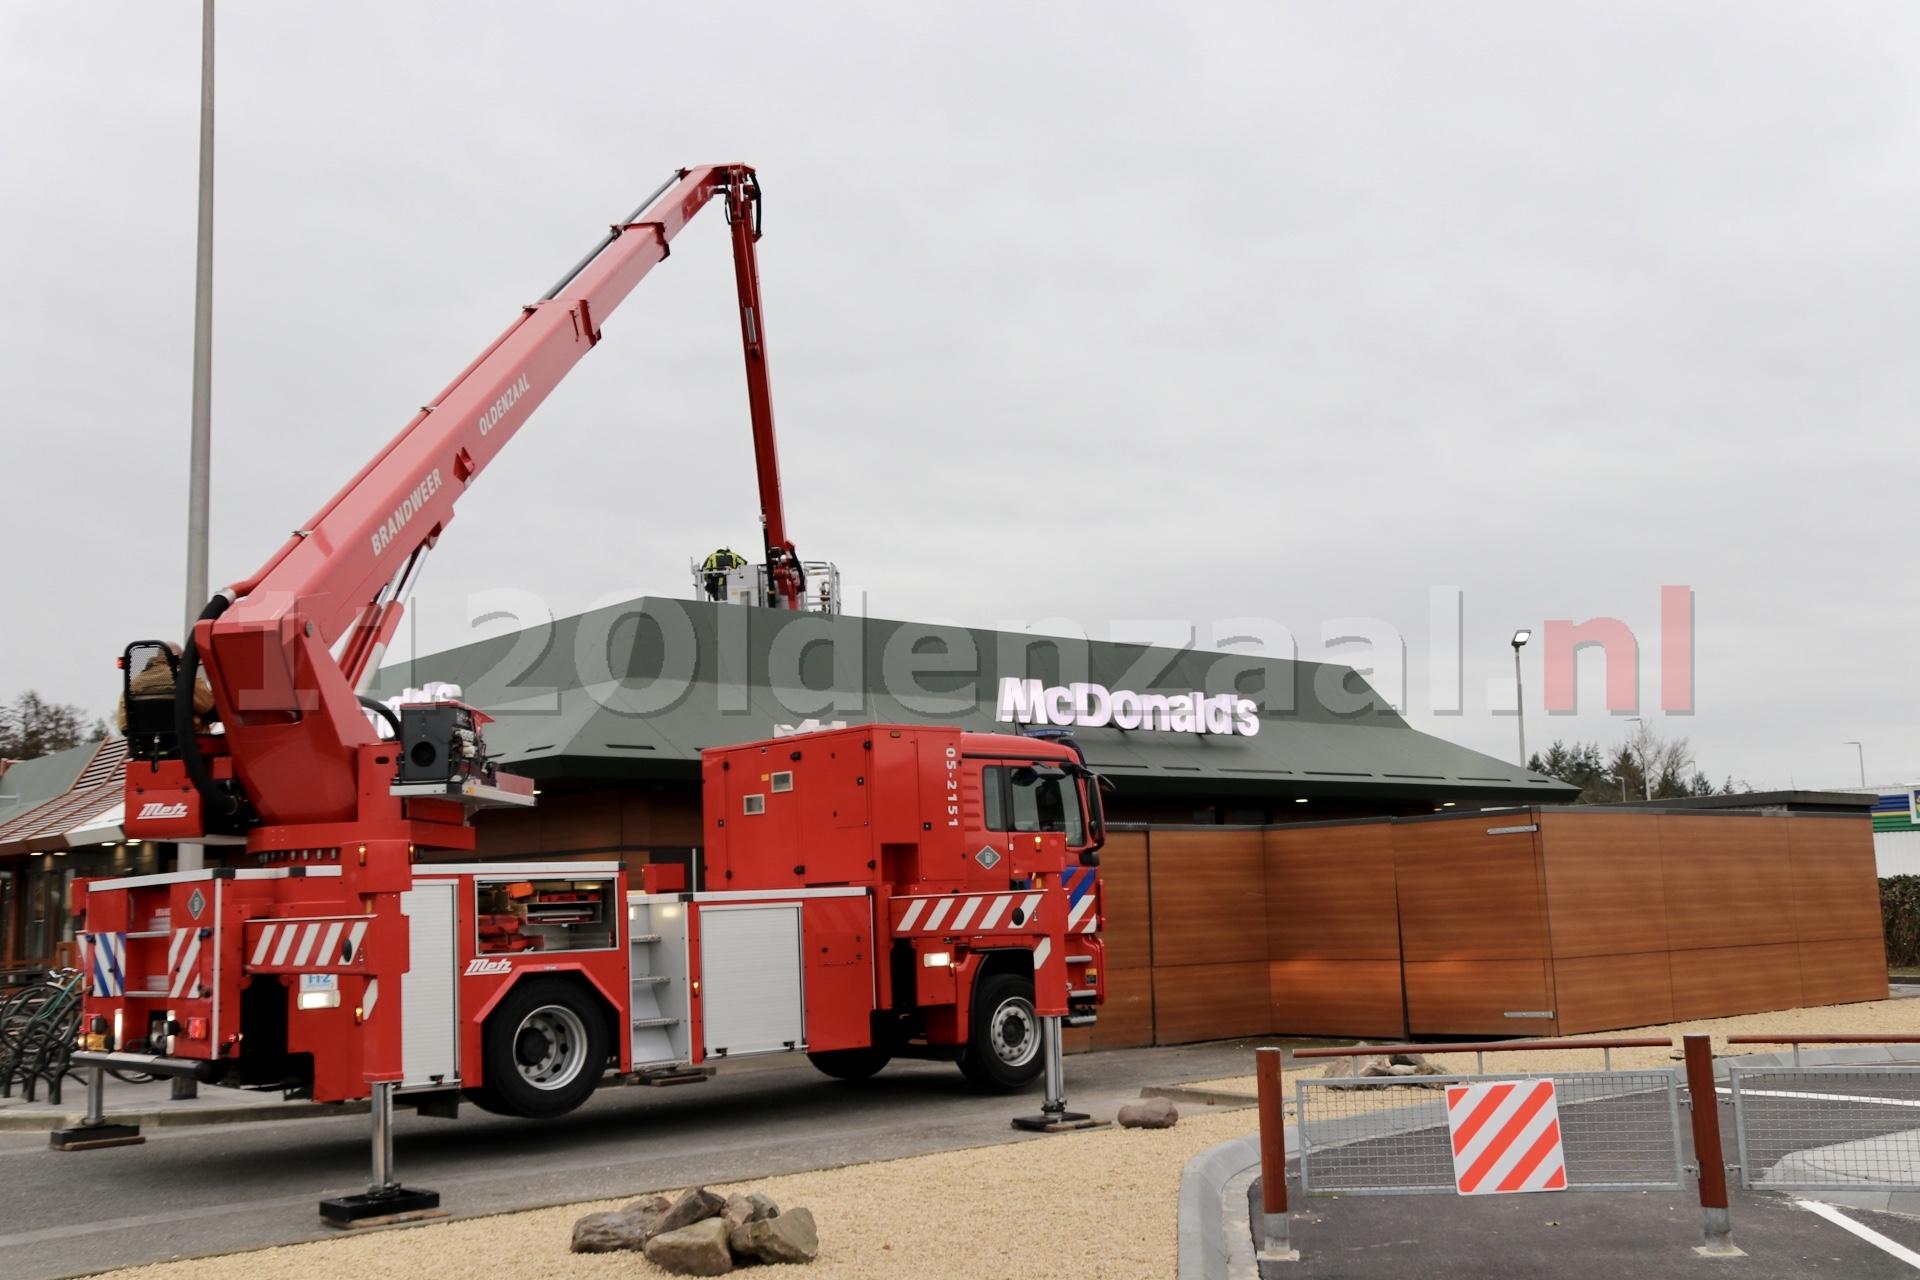 Brandweer rukt uit voor stormschade bij McDonalds Oldenzaal